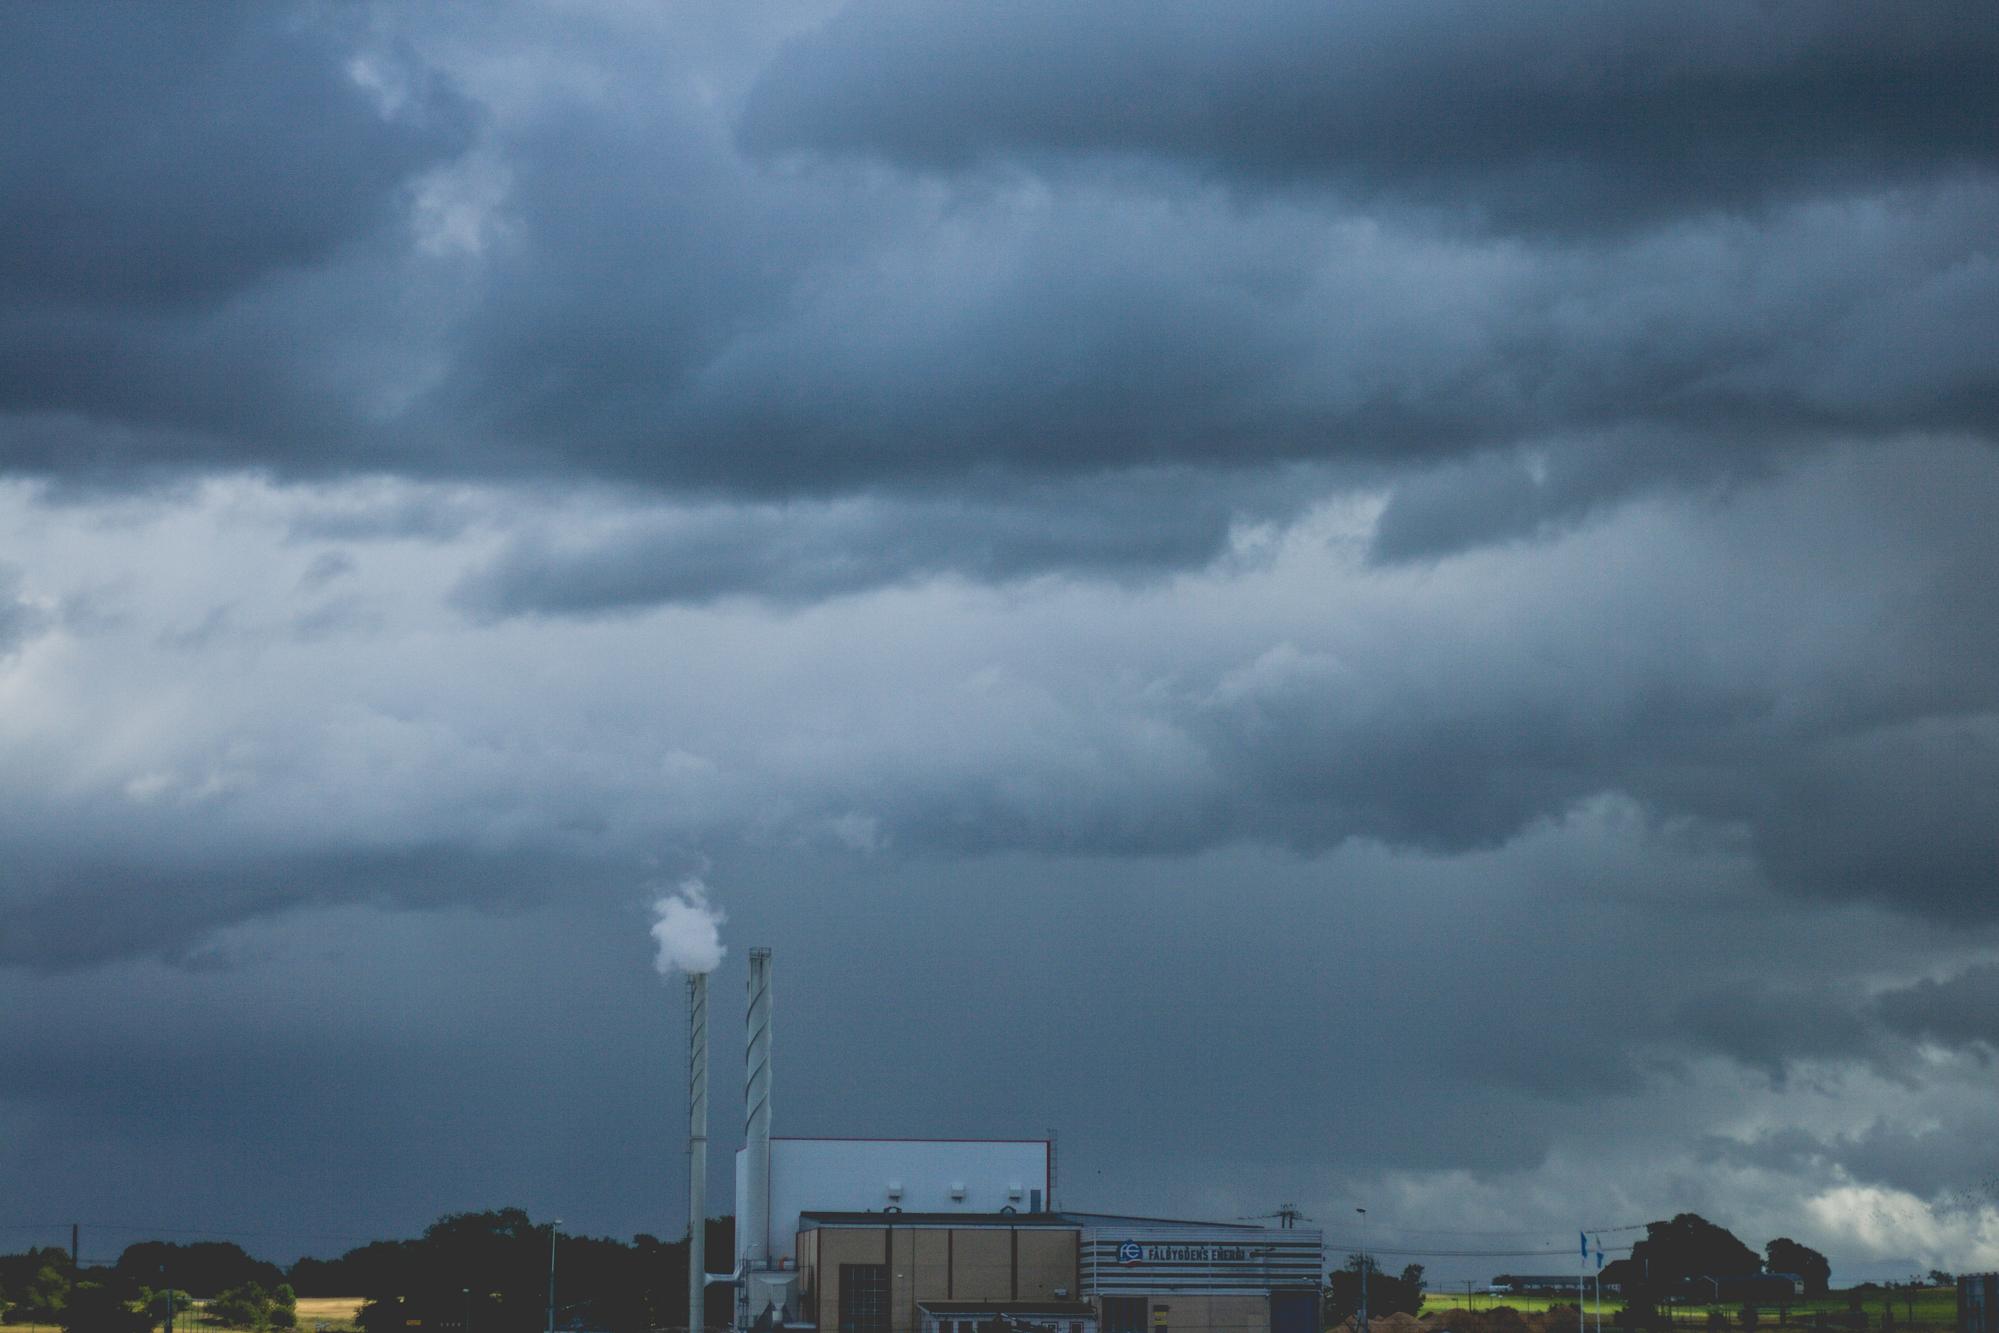 Molnen med stormen